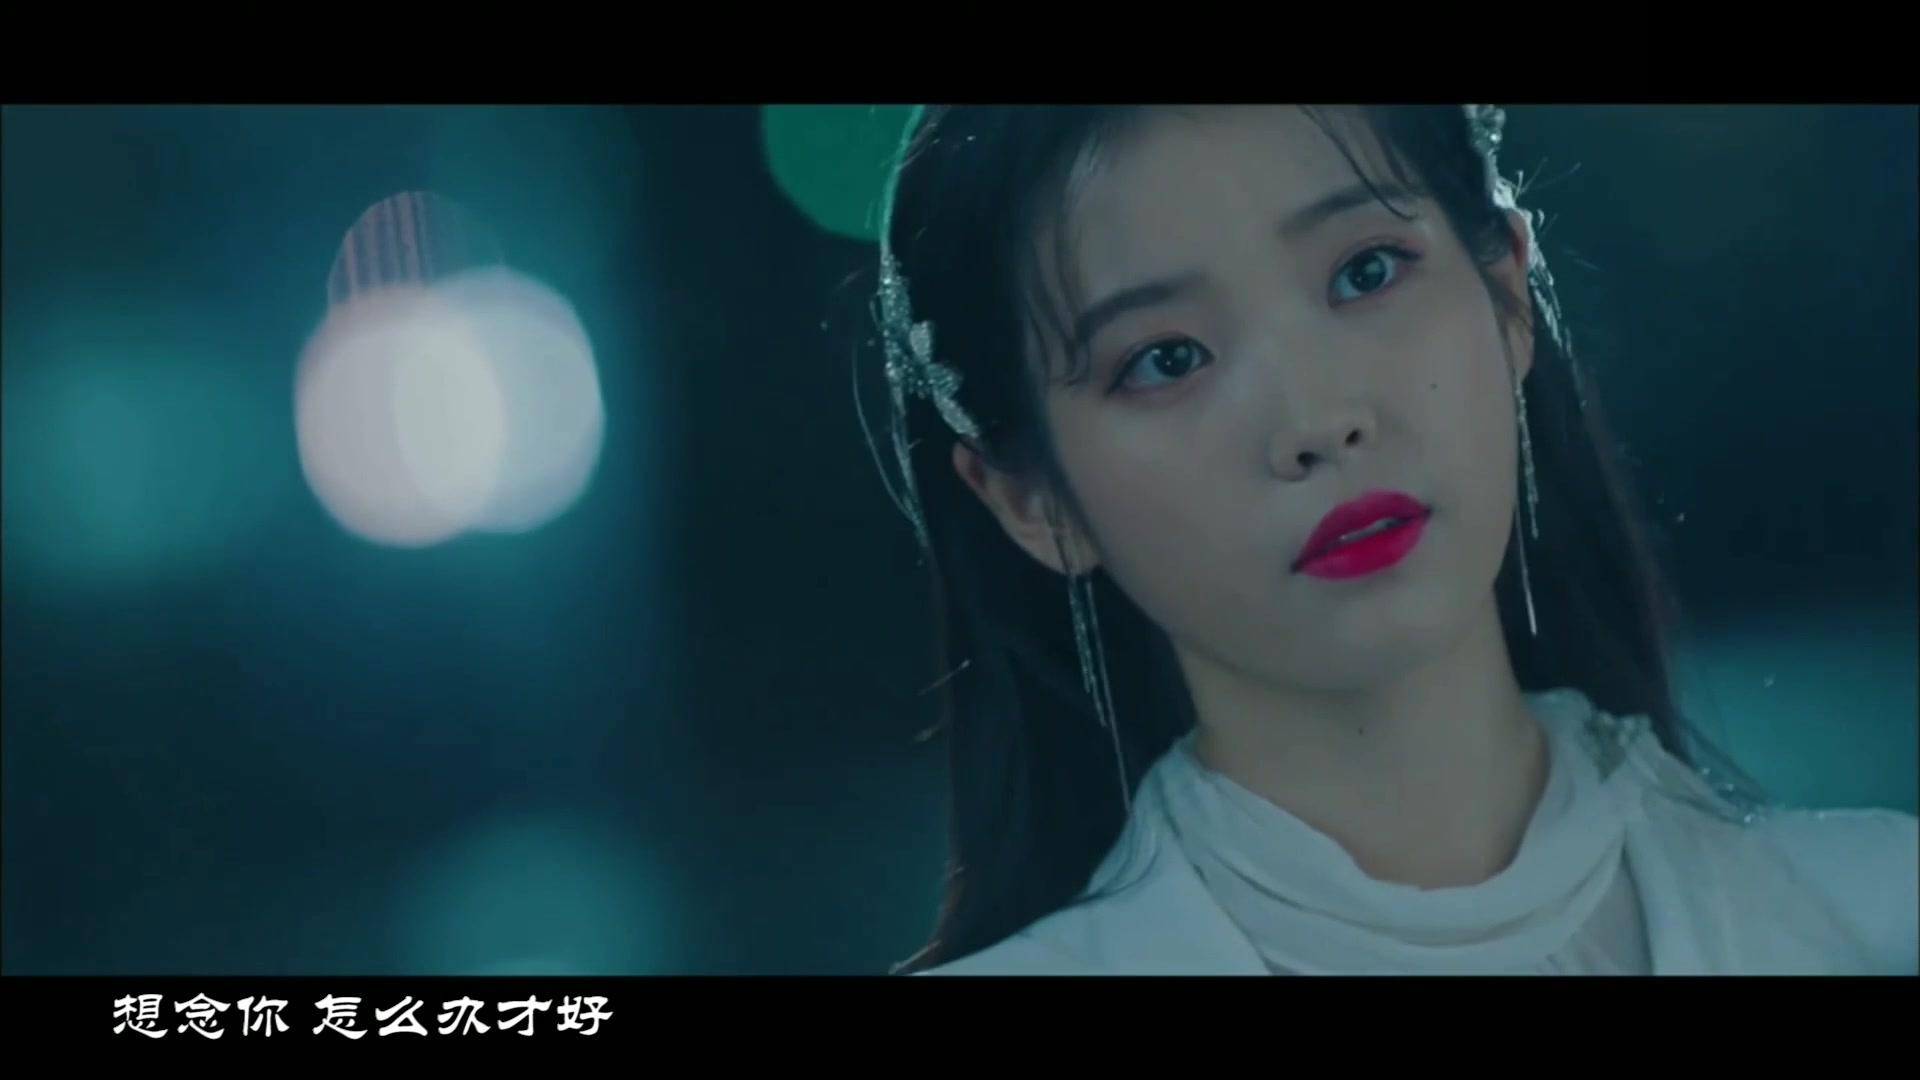 《德魯納酒店》主題片尾曲《Another day》MV,搭配超美畫面,聽一百遍也不膩!簡直不要太好聽!_嗶哩嗶哩 (゜ ...